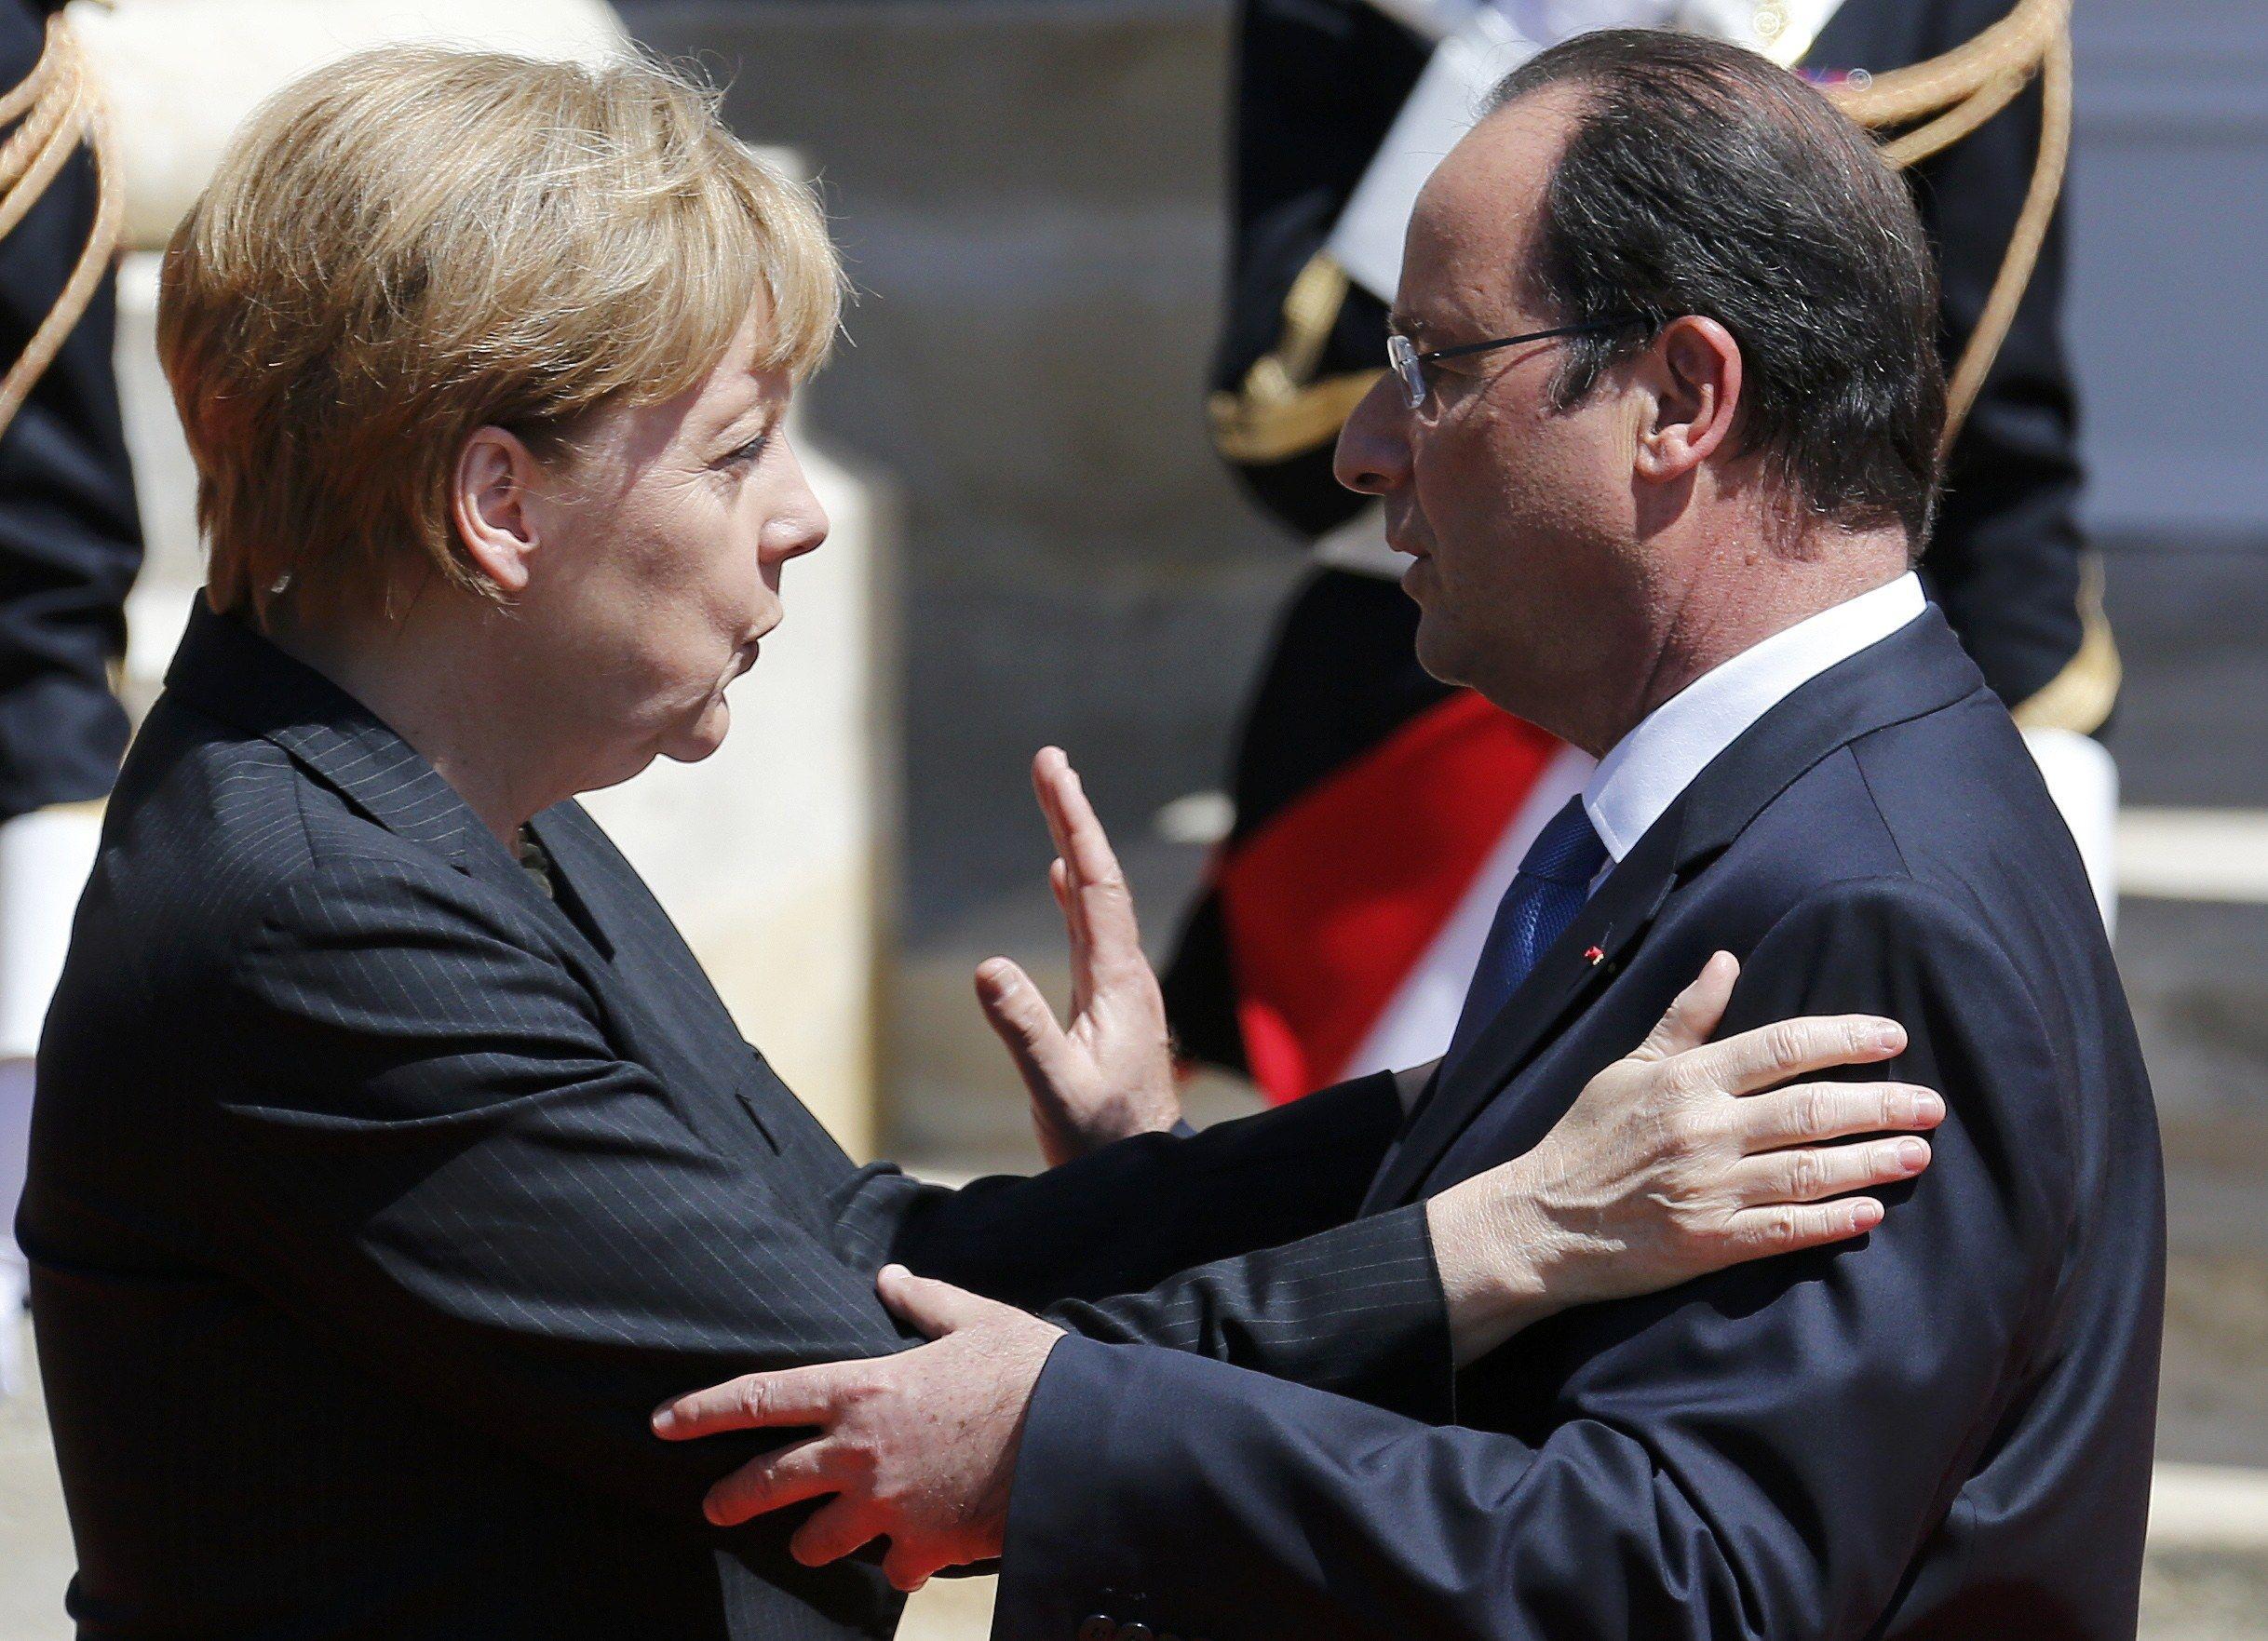 Меркель и Олланд сомневаются в необходимости поездки в Астану